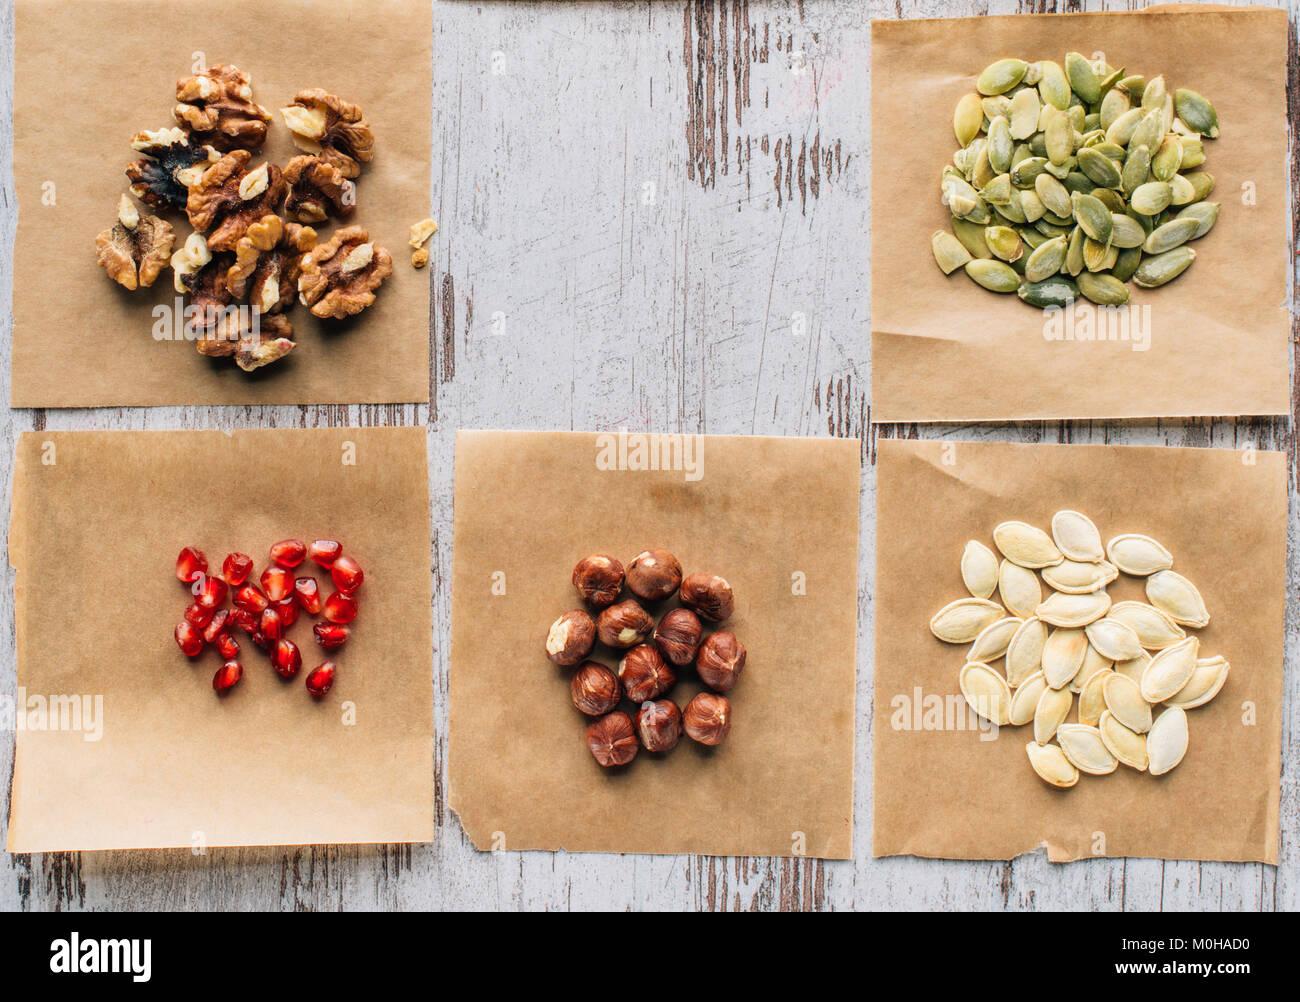 Vue de dessus les noix, les graines de citrouille et graines de grenade sur la table Photo Stock